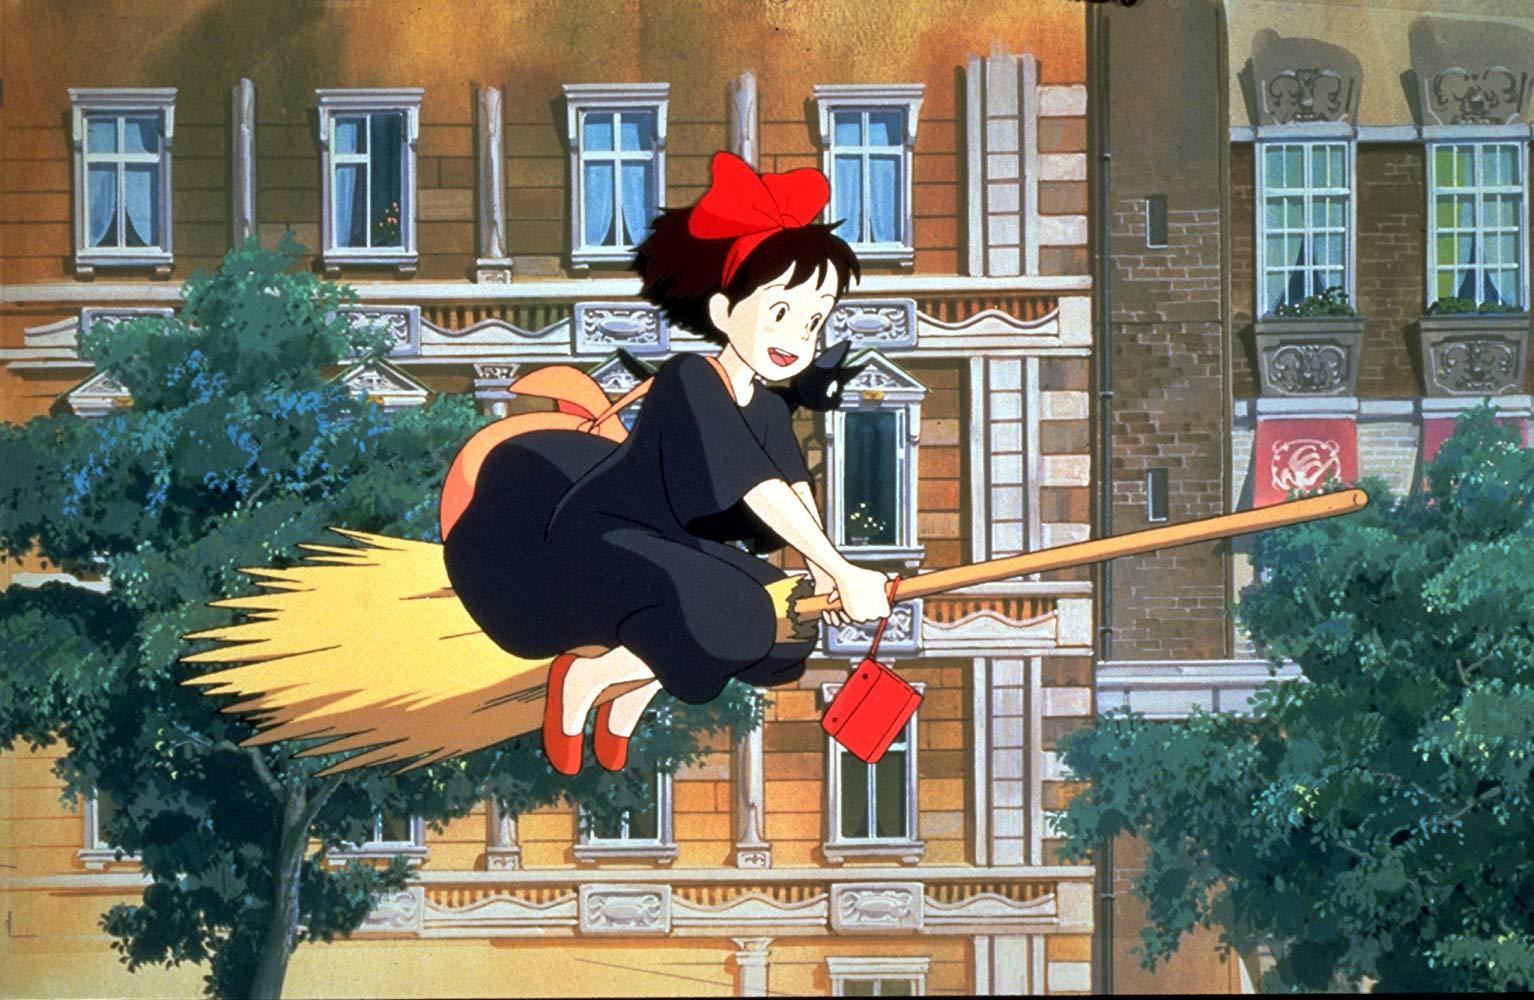 Kiki in flight on her bromstick in Kiki's Delivery Service (1989)